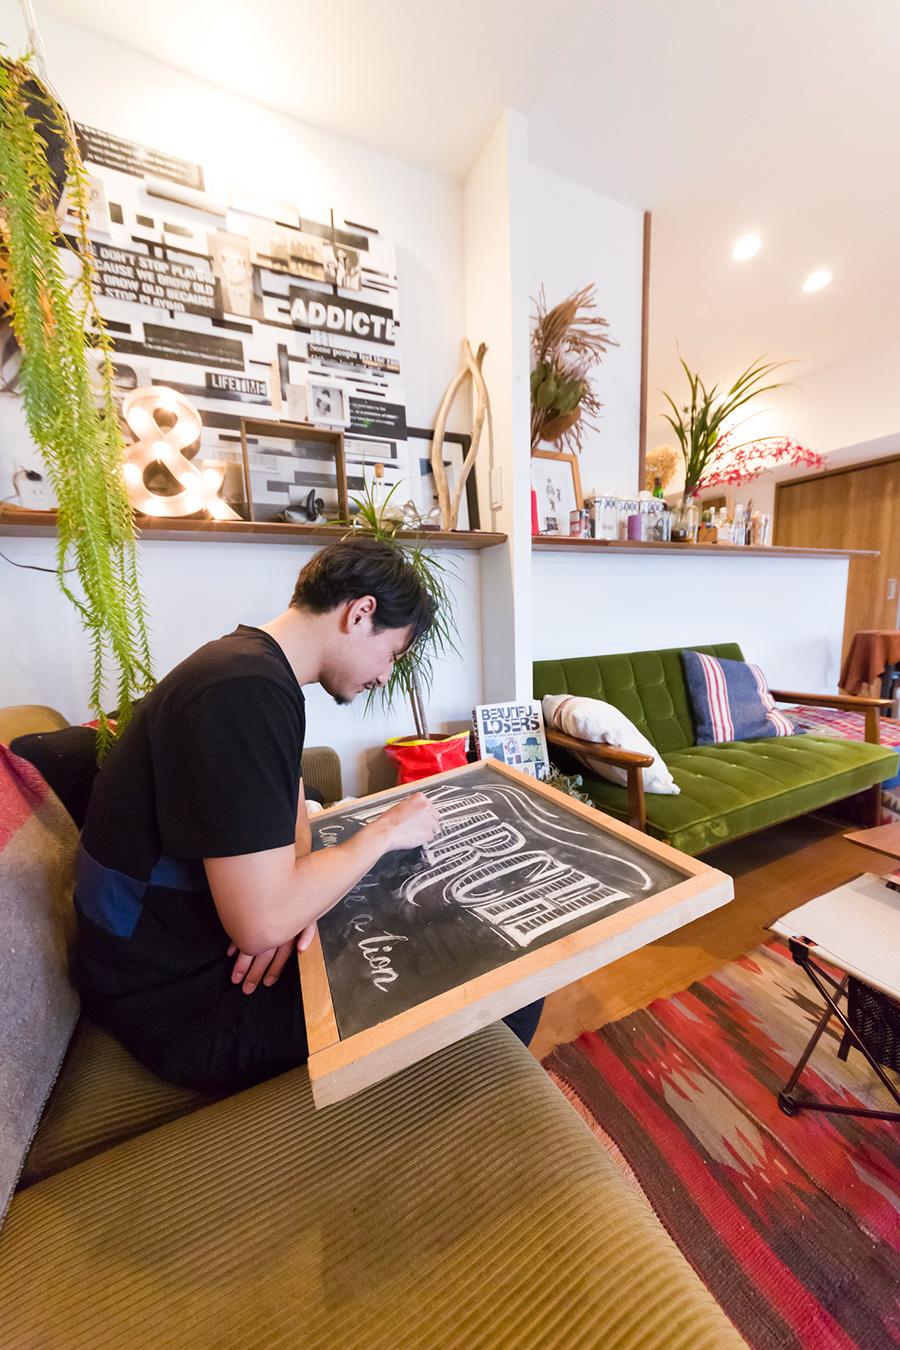 大きな作品は立てかけたボードに描くが、小さなものは膝の上や、机に置いて描くこともあるのだそう。